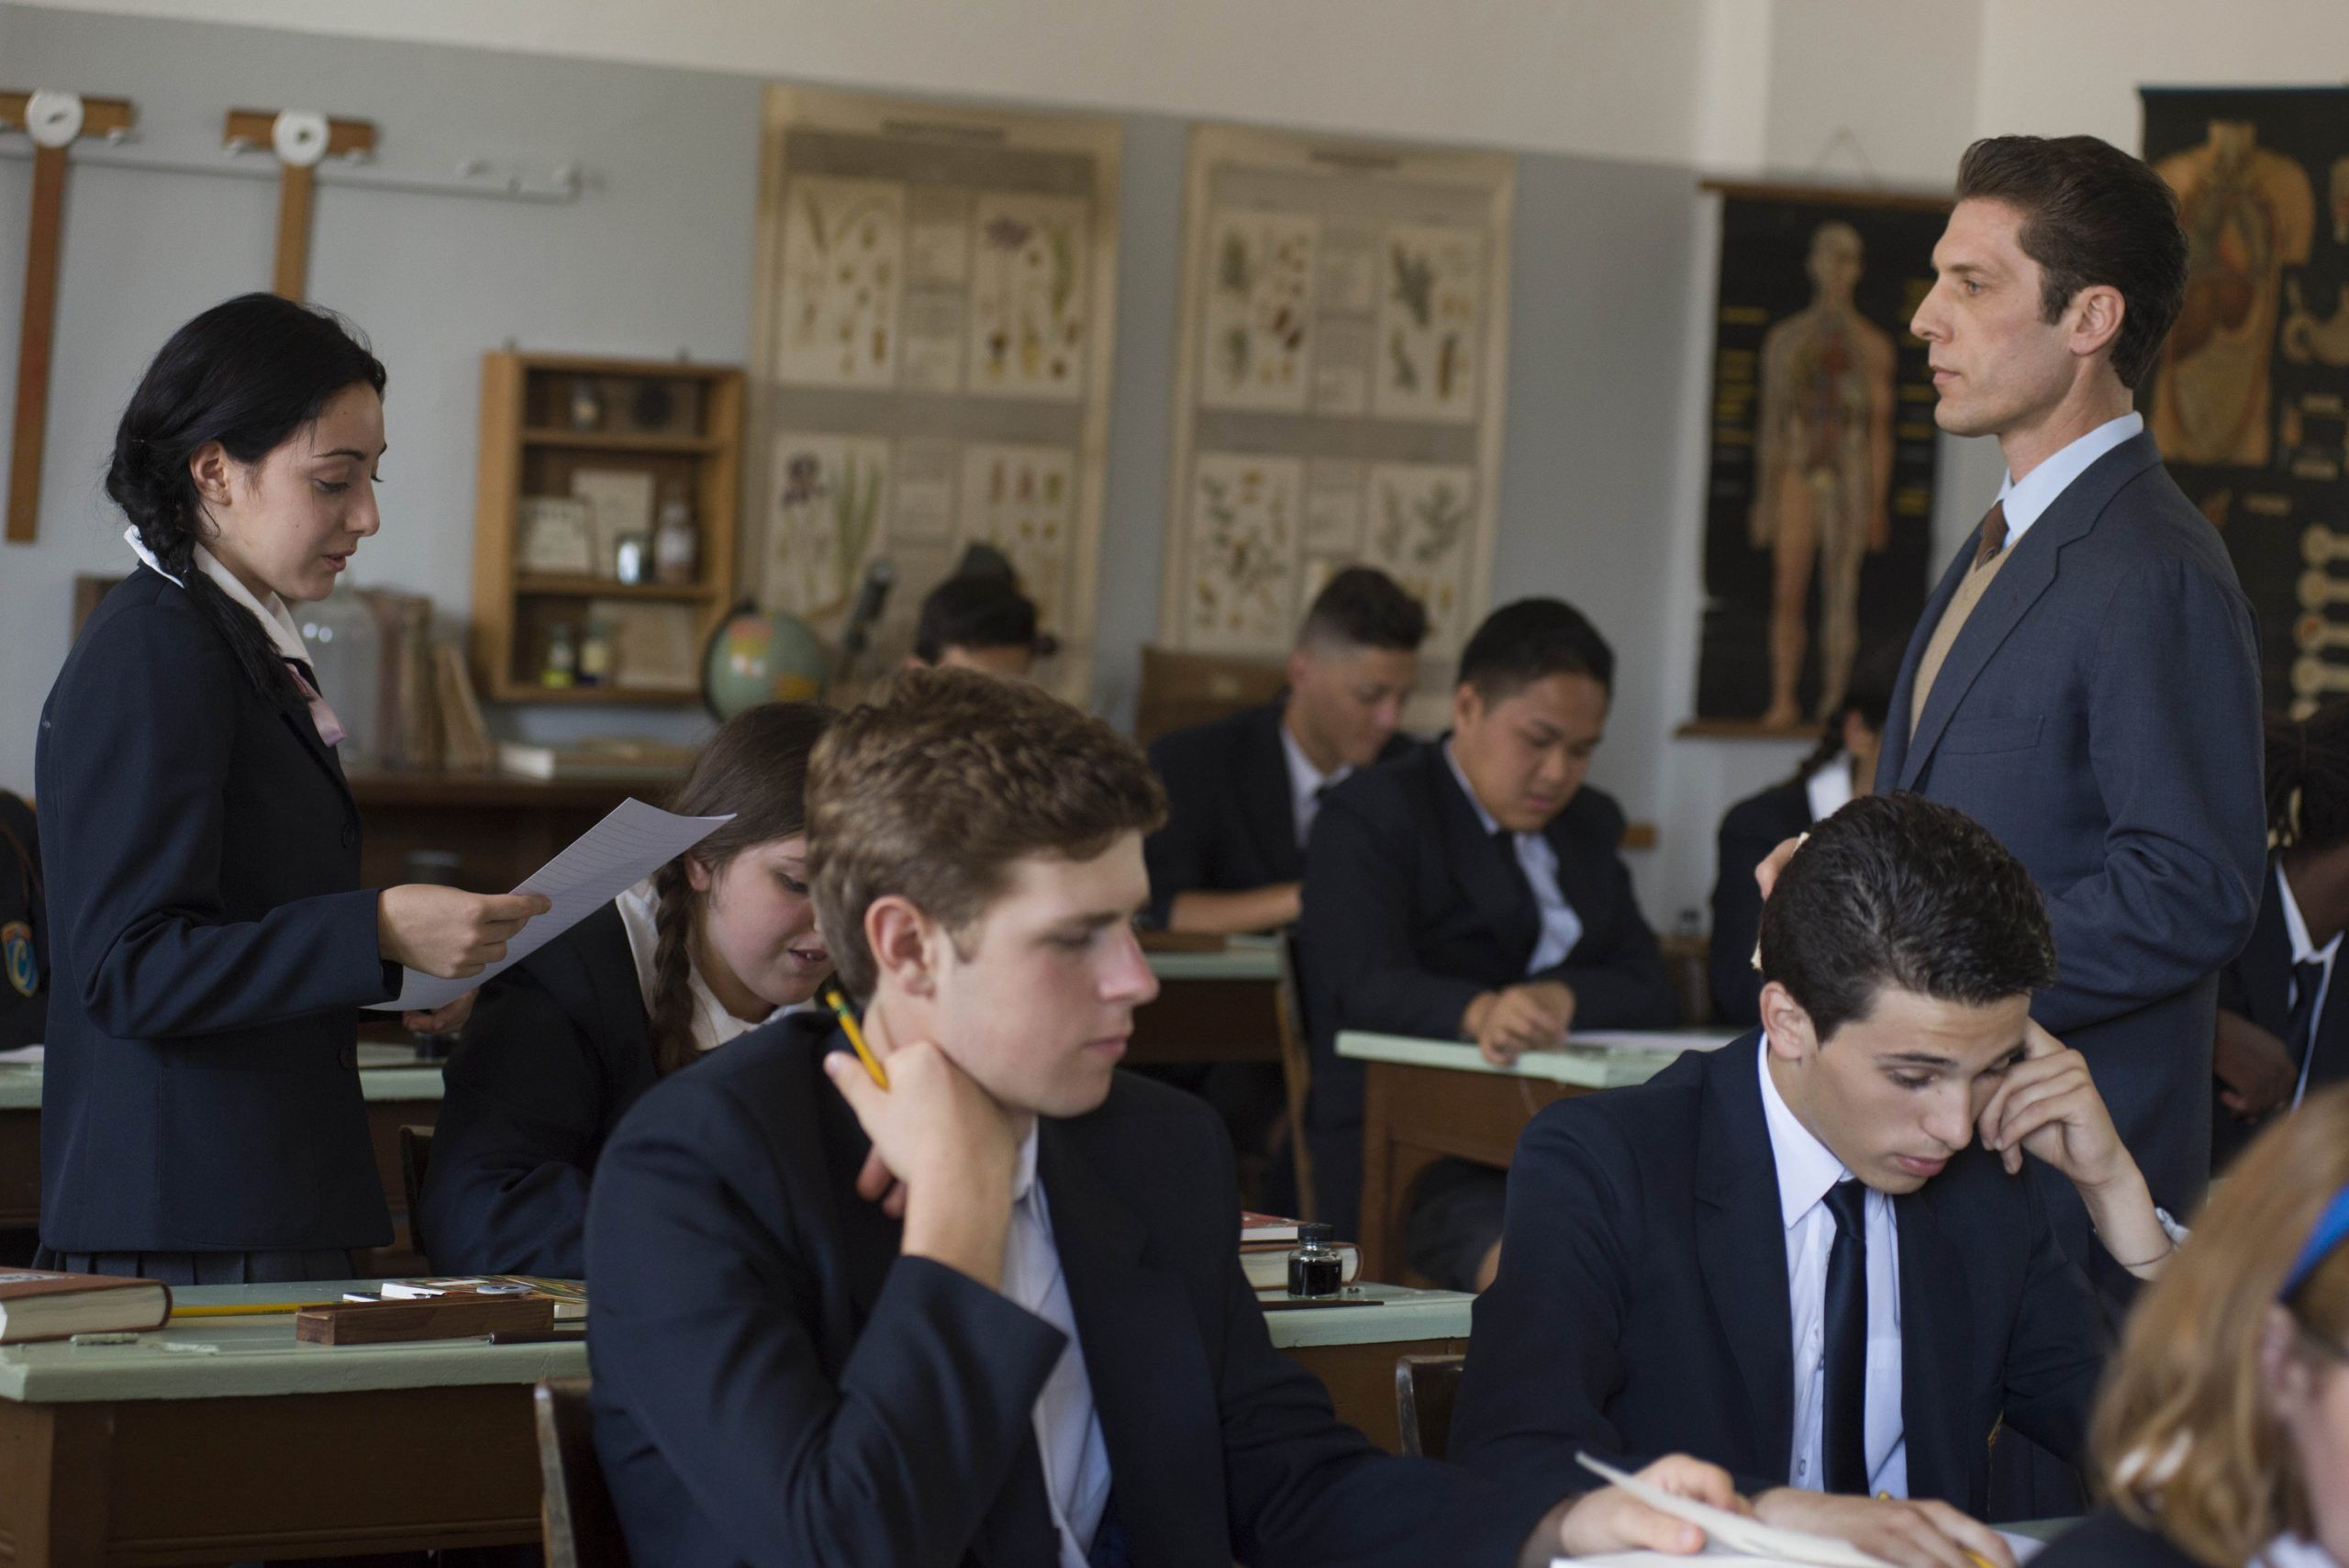 il collegio studenti e porfessori